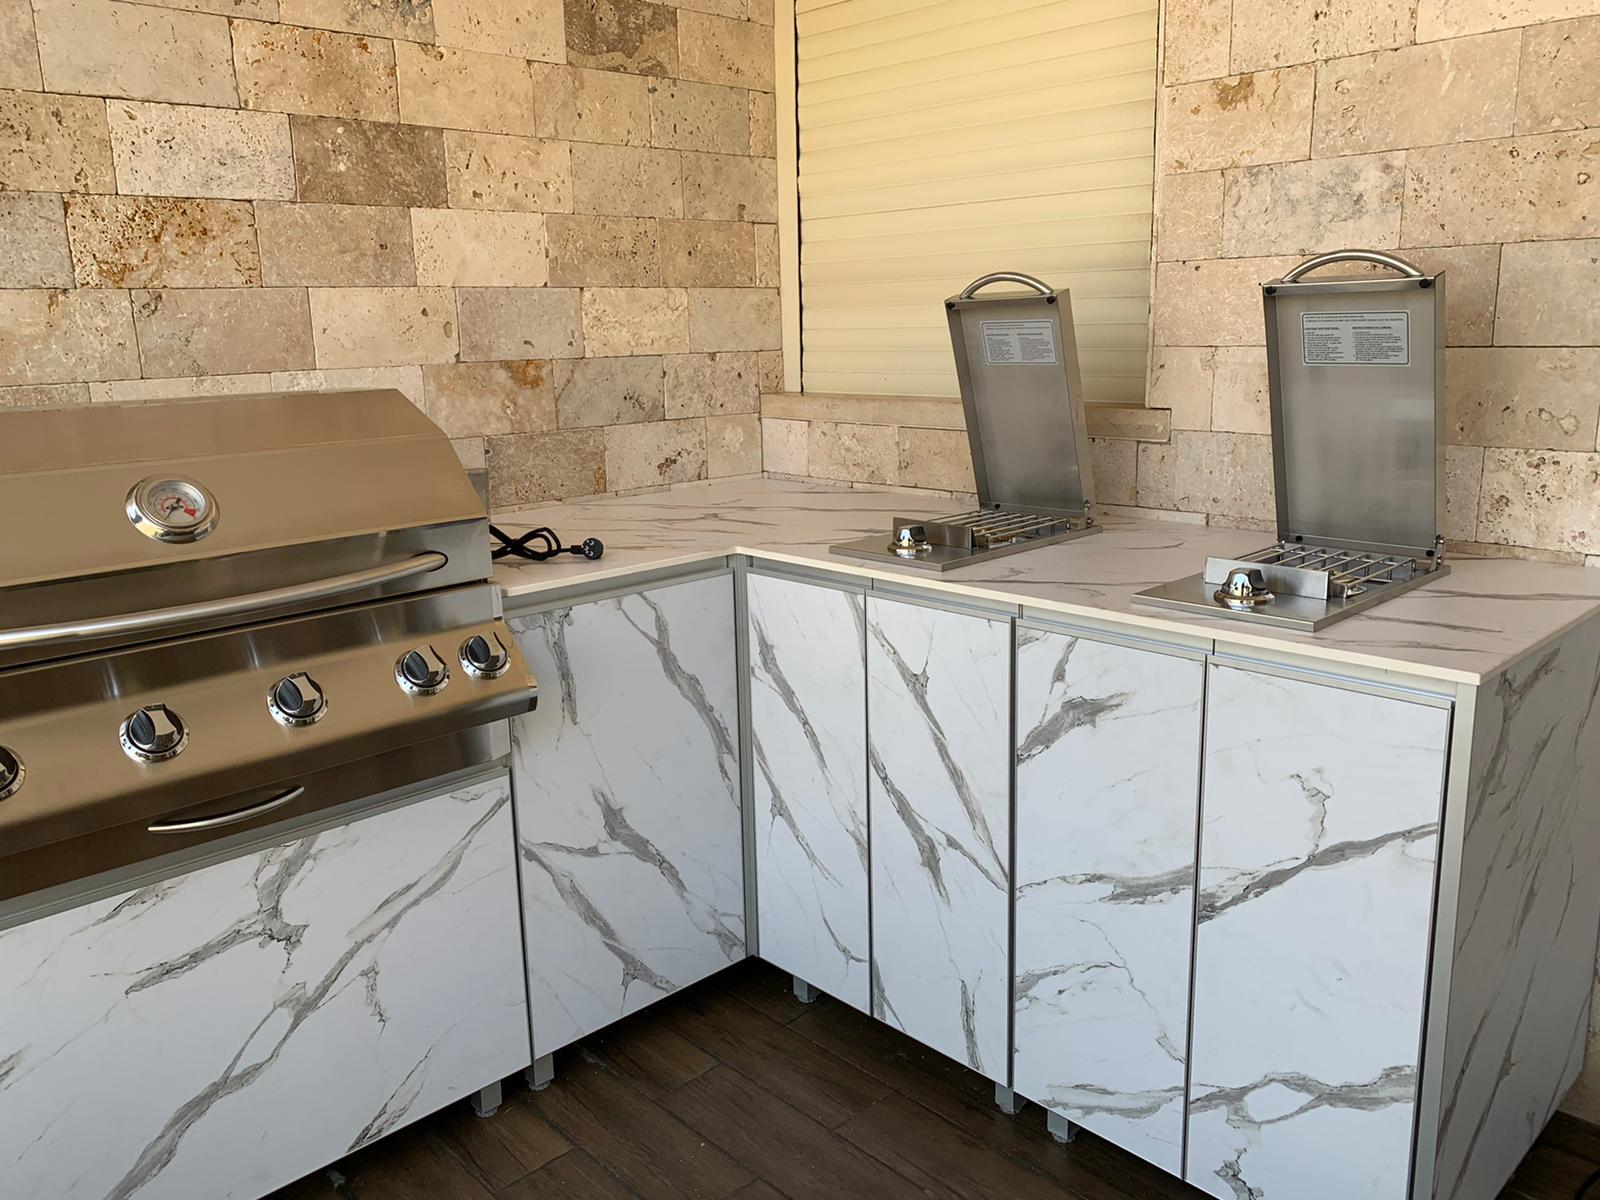 מטבח פינתי לבן עוקרים בתל אביב